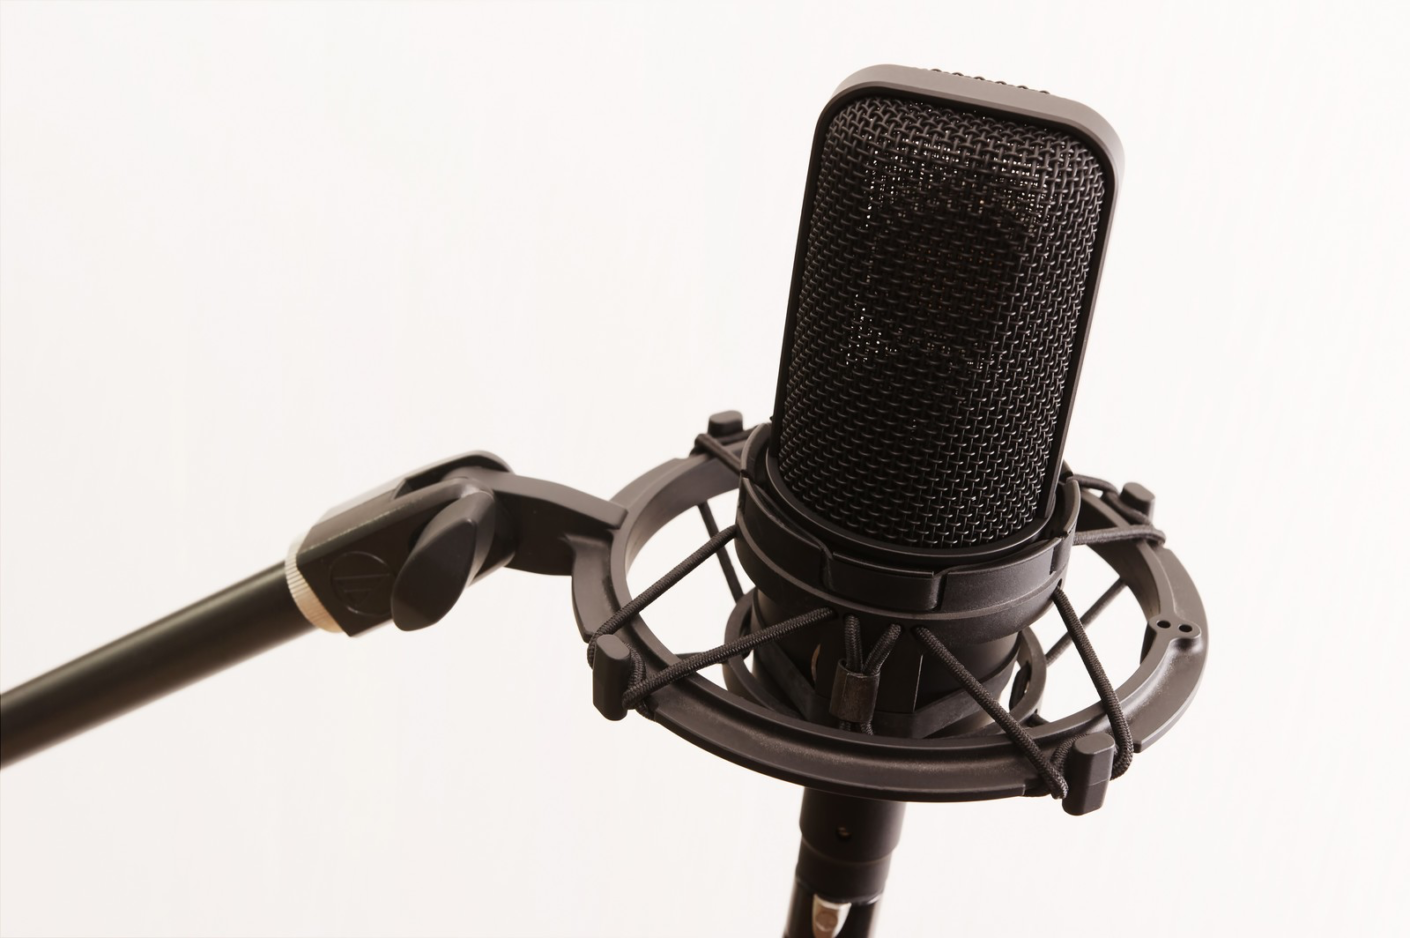 SNSのビジネス活用、私がラジオパーソナリティをお手本にした理由〜NSTのFMポート閉局ドキュメンタリーを見て気付いたこと〜